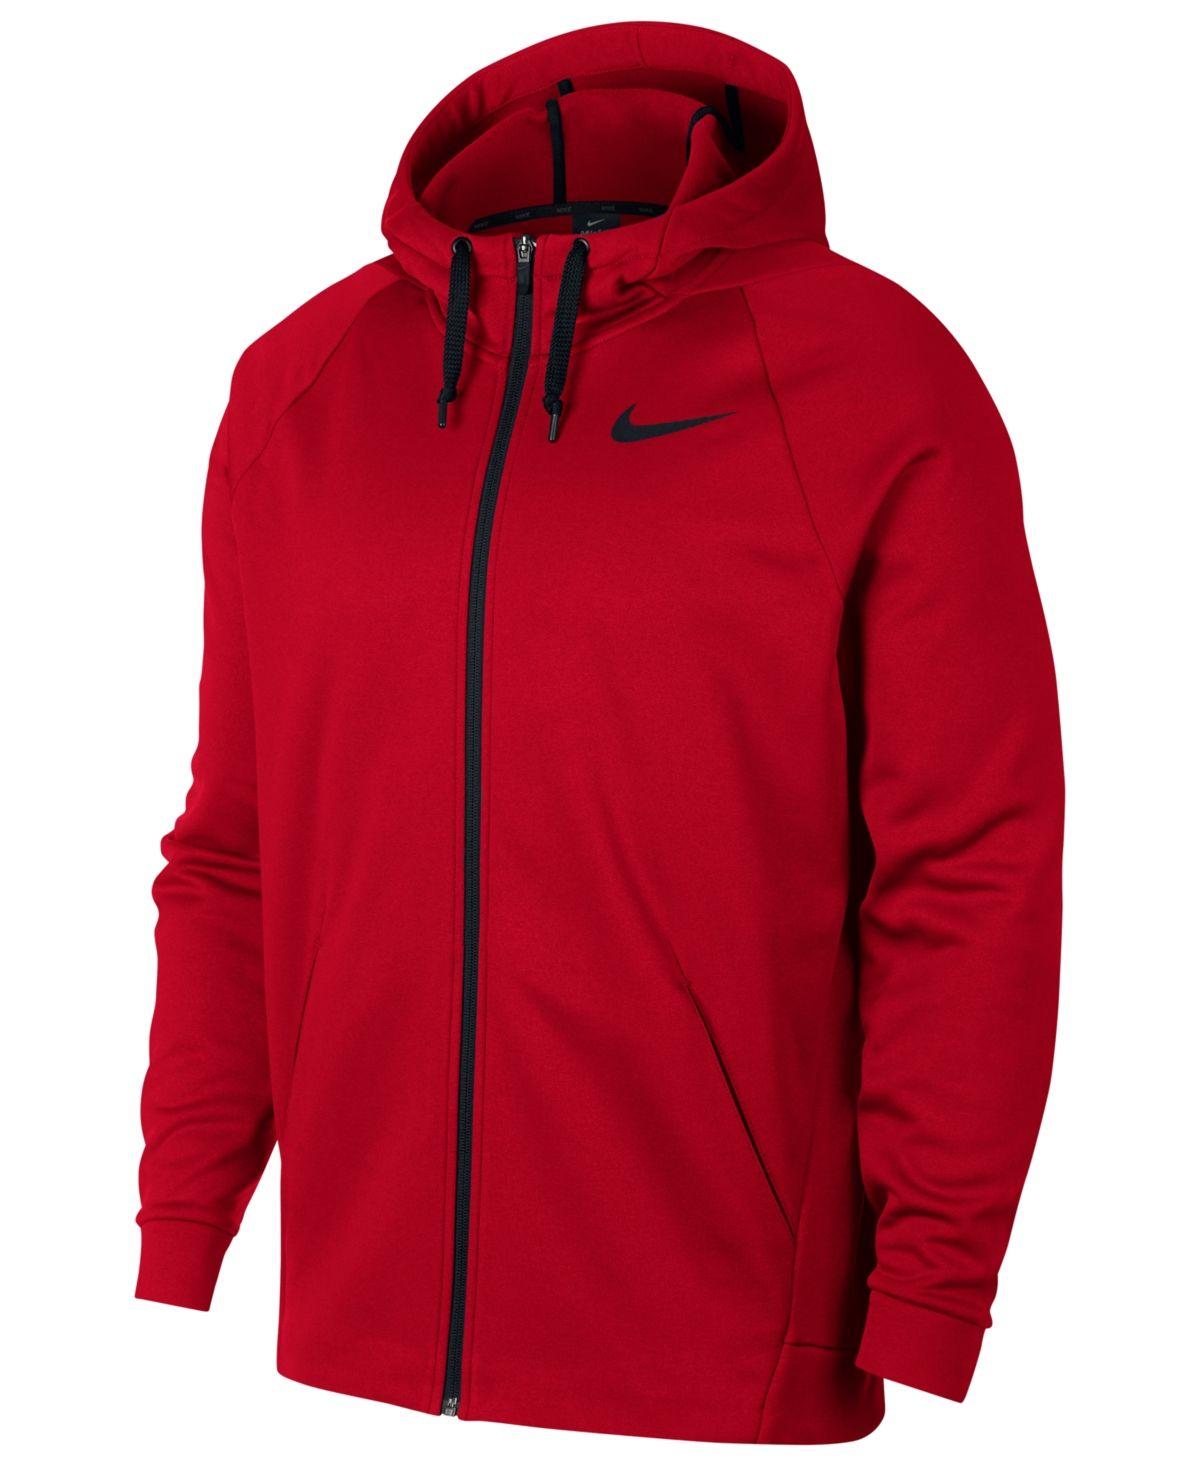 Nike Men S Therma Training Full Zip Hoodie University Red Full Zip Hoodie Hoodies Men Hoodies [ 1467 x 1200 Pixel ]